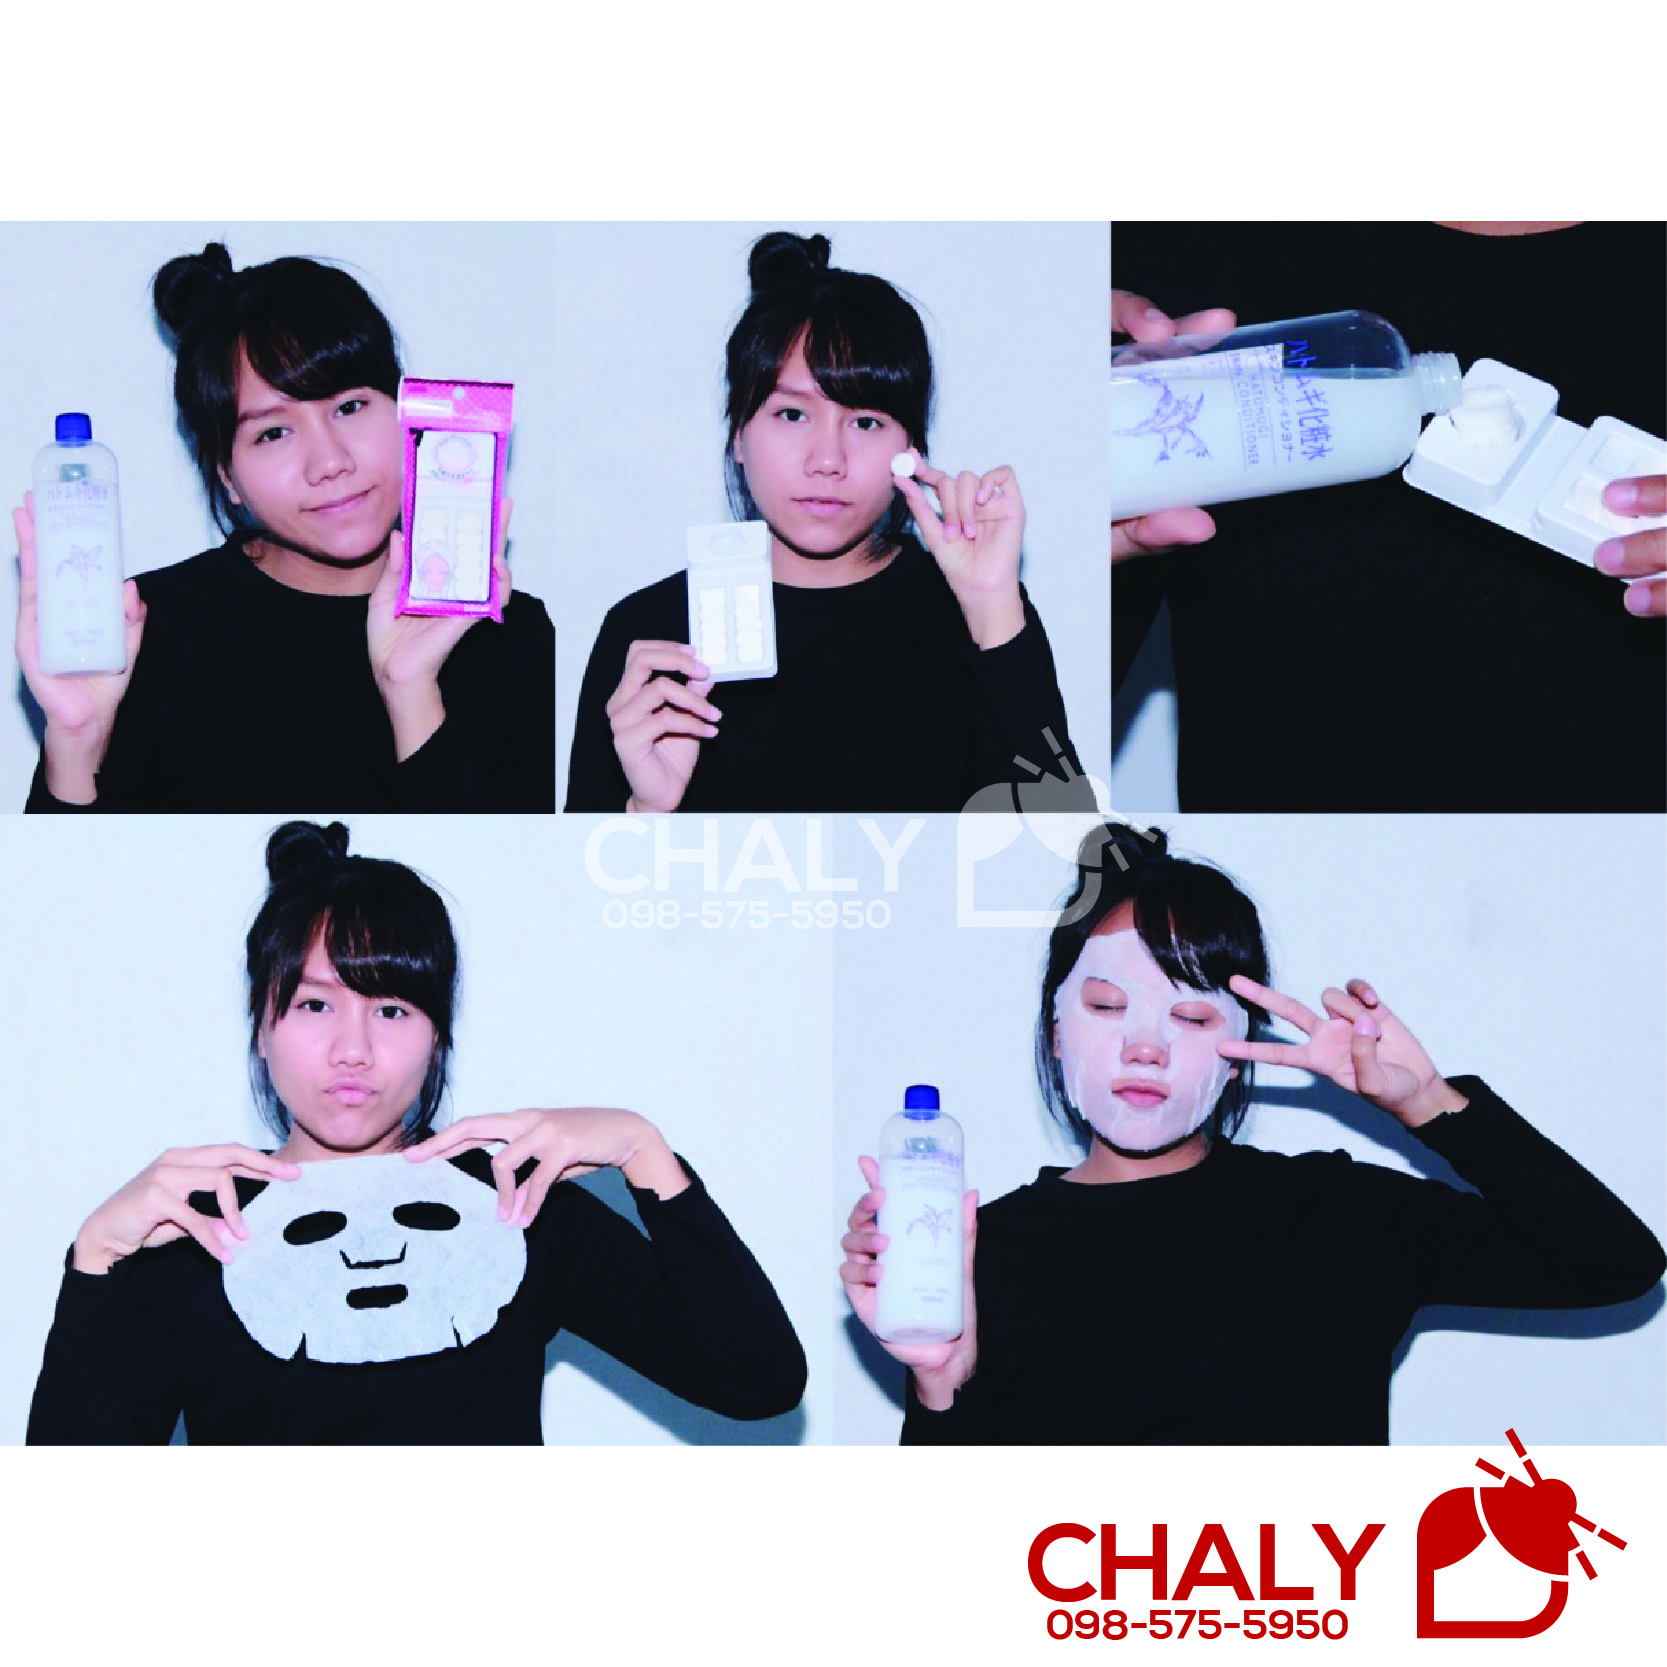 Sử dụng lotion hạt ý dĩ naturie hatomugi skin conditioner cùng miếng mặt nạ nén để đắp lotion mask hàng ngày là cách hiệu quả trị sạm thâm cho da